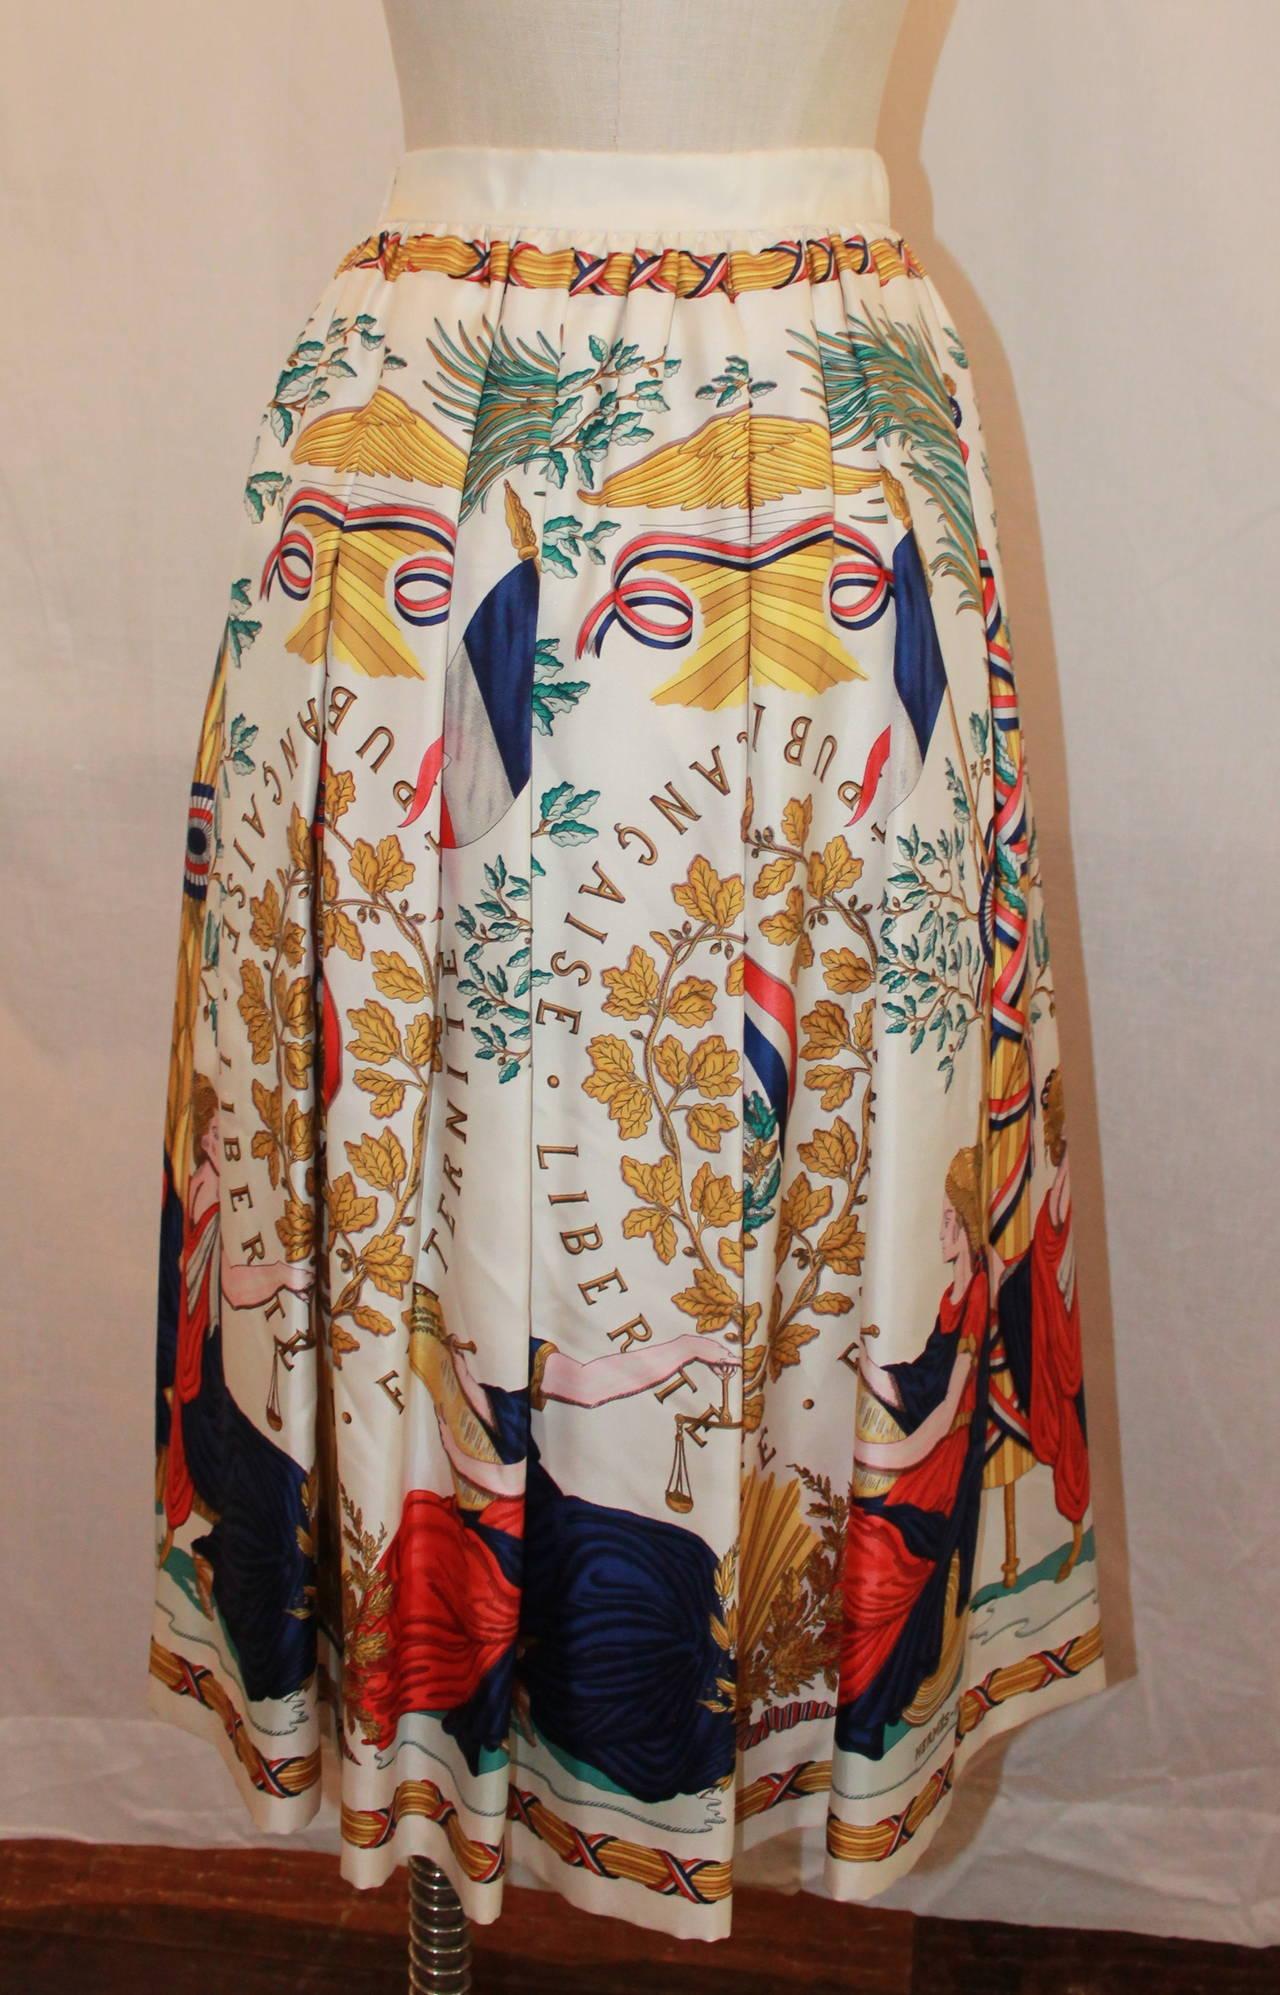 Hermes Vintage Silk Liberty Printed Skirt - circa 1990s - 34 4